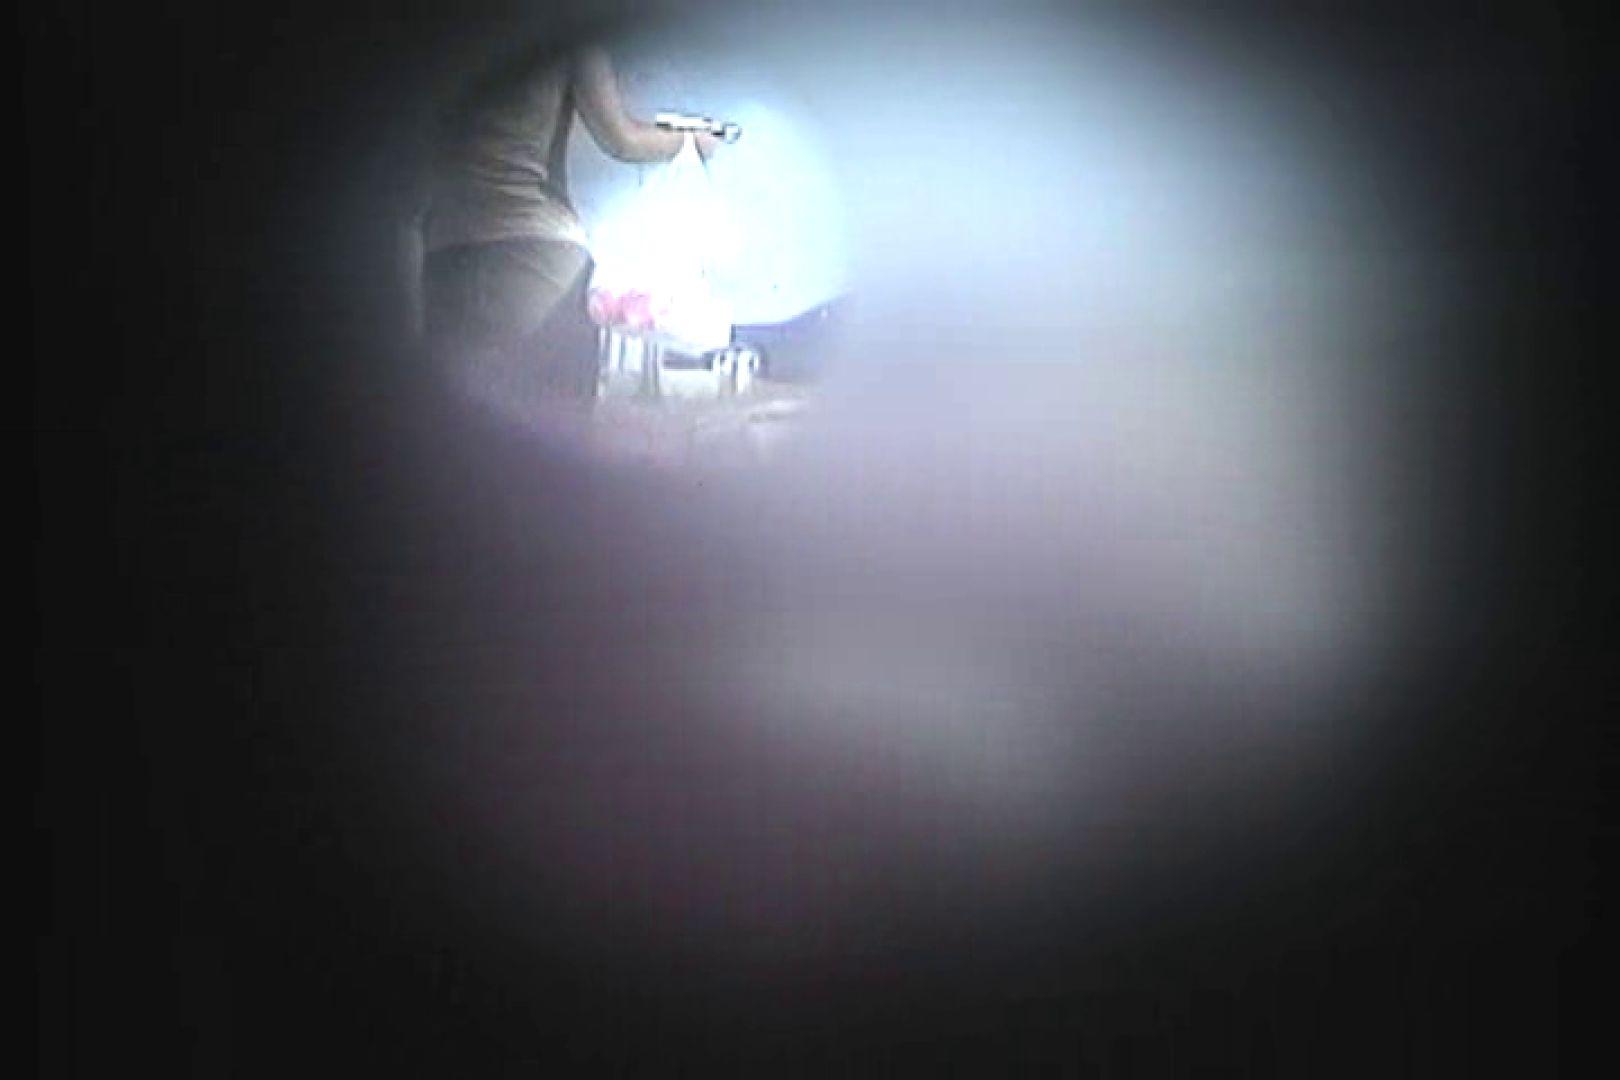 サターンさんのウル技炸裂!!夏乙女★海の家シャワー室絵巻 Vol.01 シャワー | 乙女もsex  108枚 64